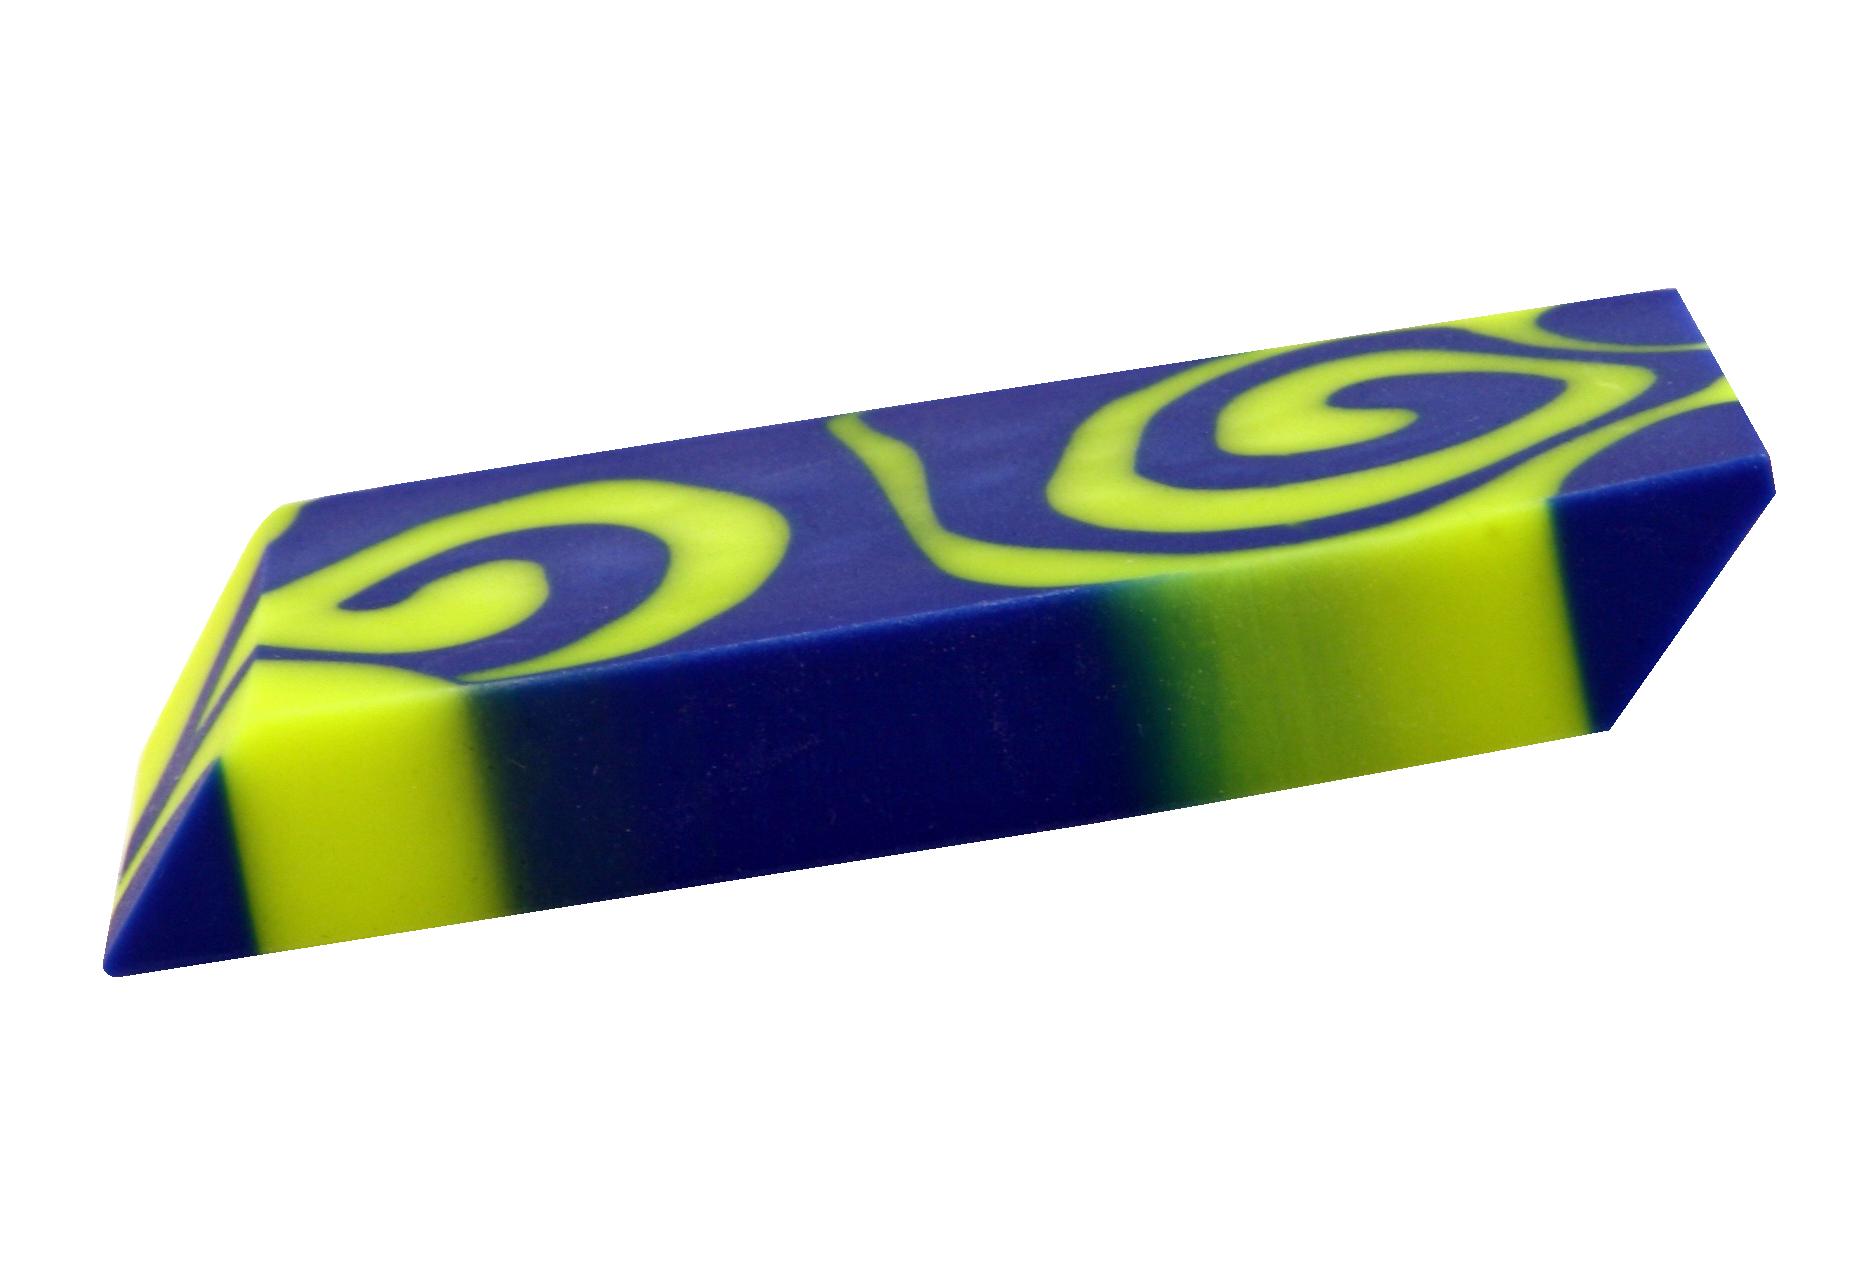 Eraser clipart ruber. Png transparent image pngpix